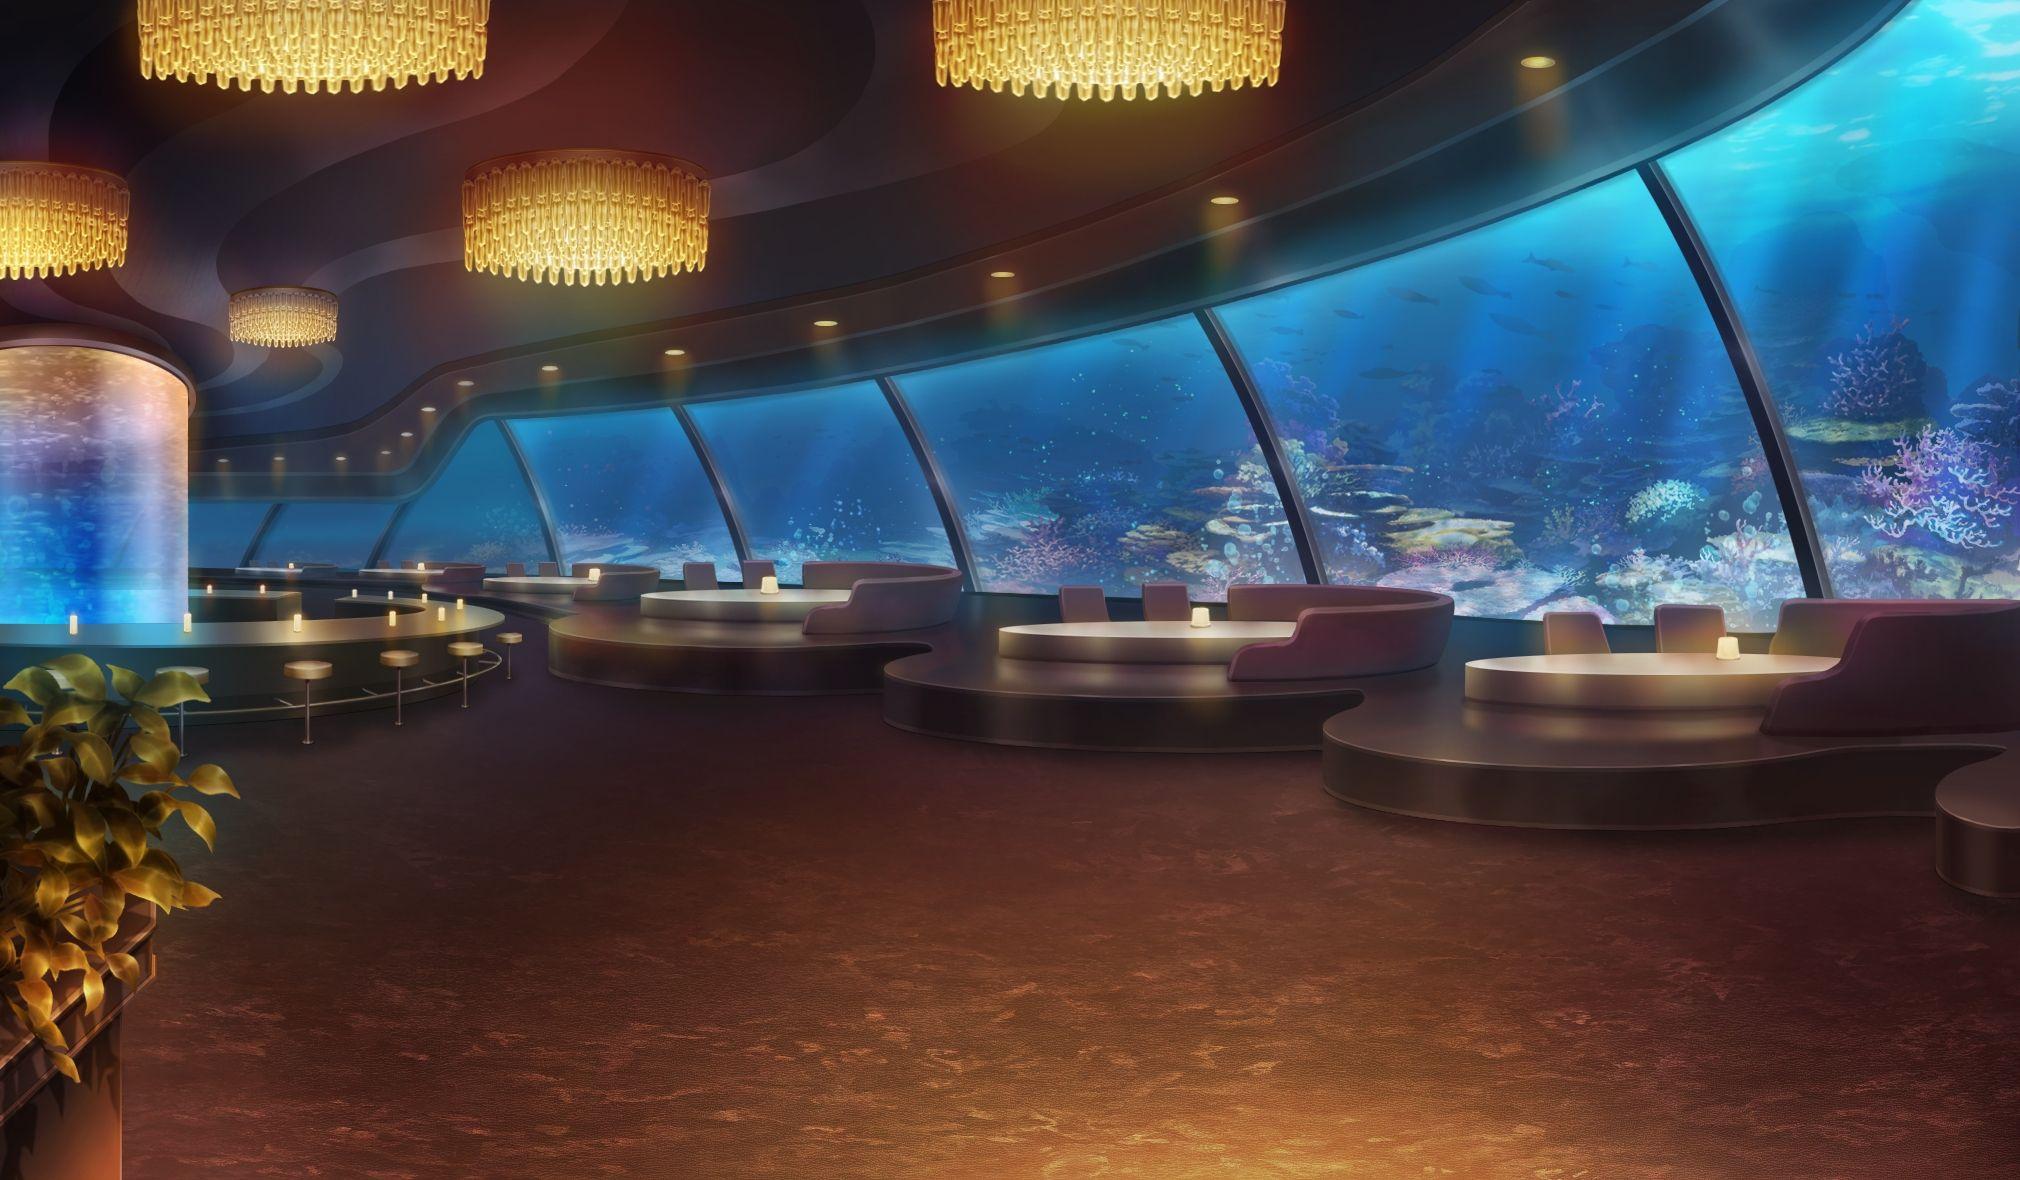 Aquarium-restaurant-desktop-background-336006.jpg (2020